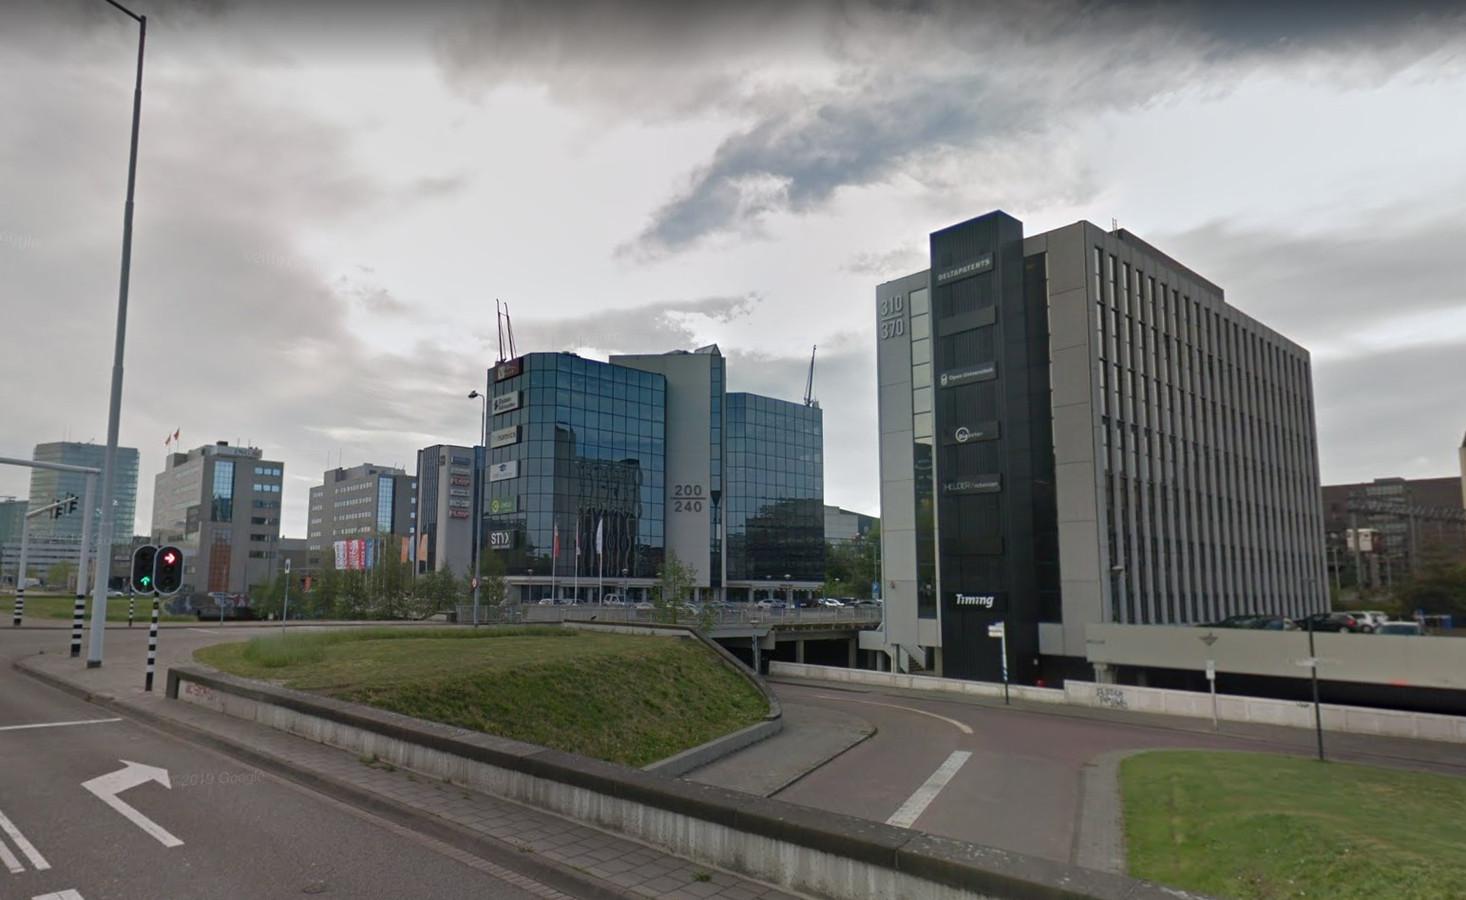 Het kantorengebied aan de noordkant van station Eindhoven Centraal waar in de ogen van het stadsbestuur een congrescentrum moet komen.